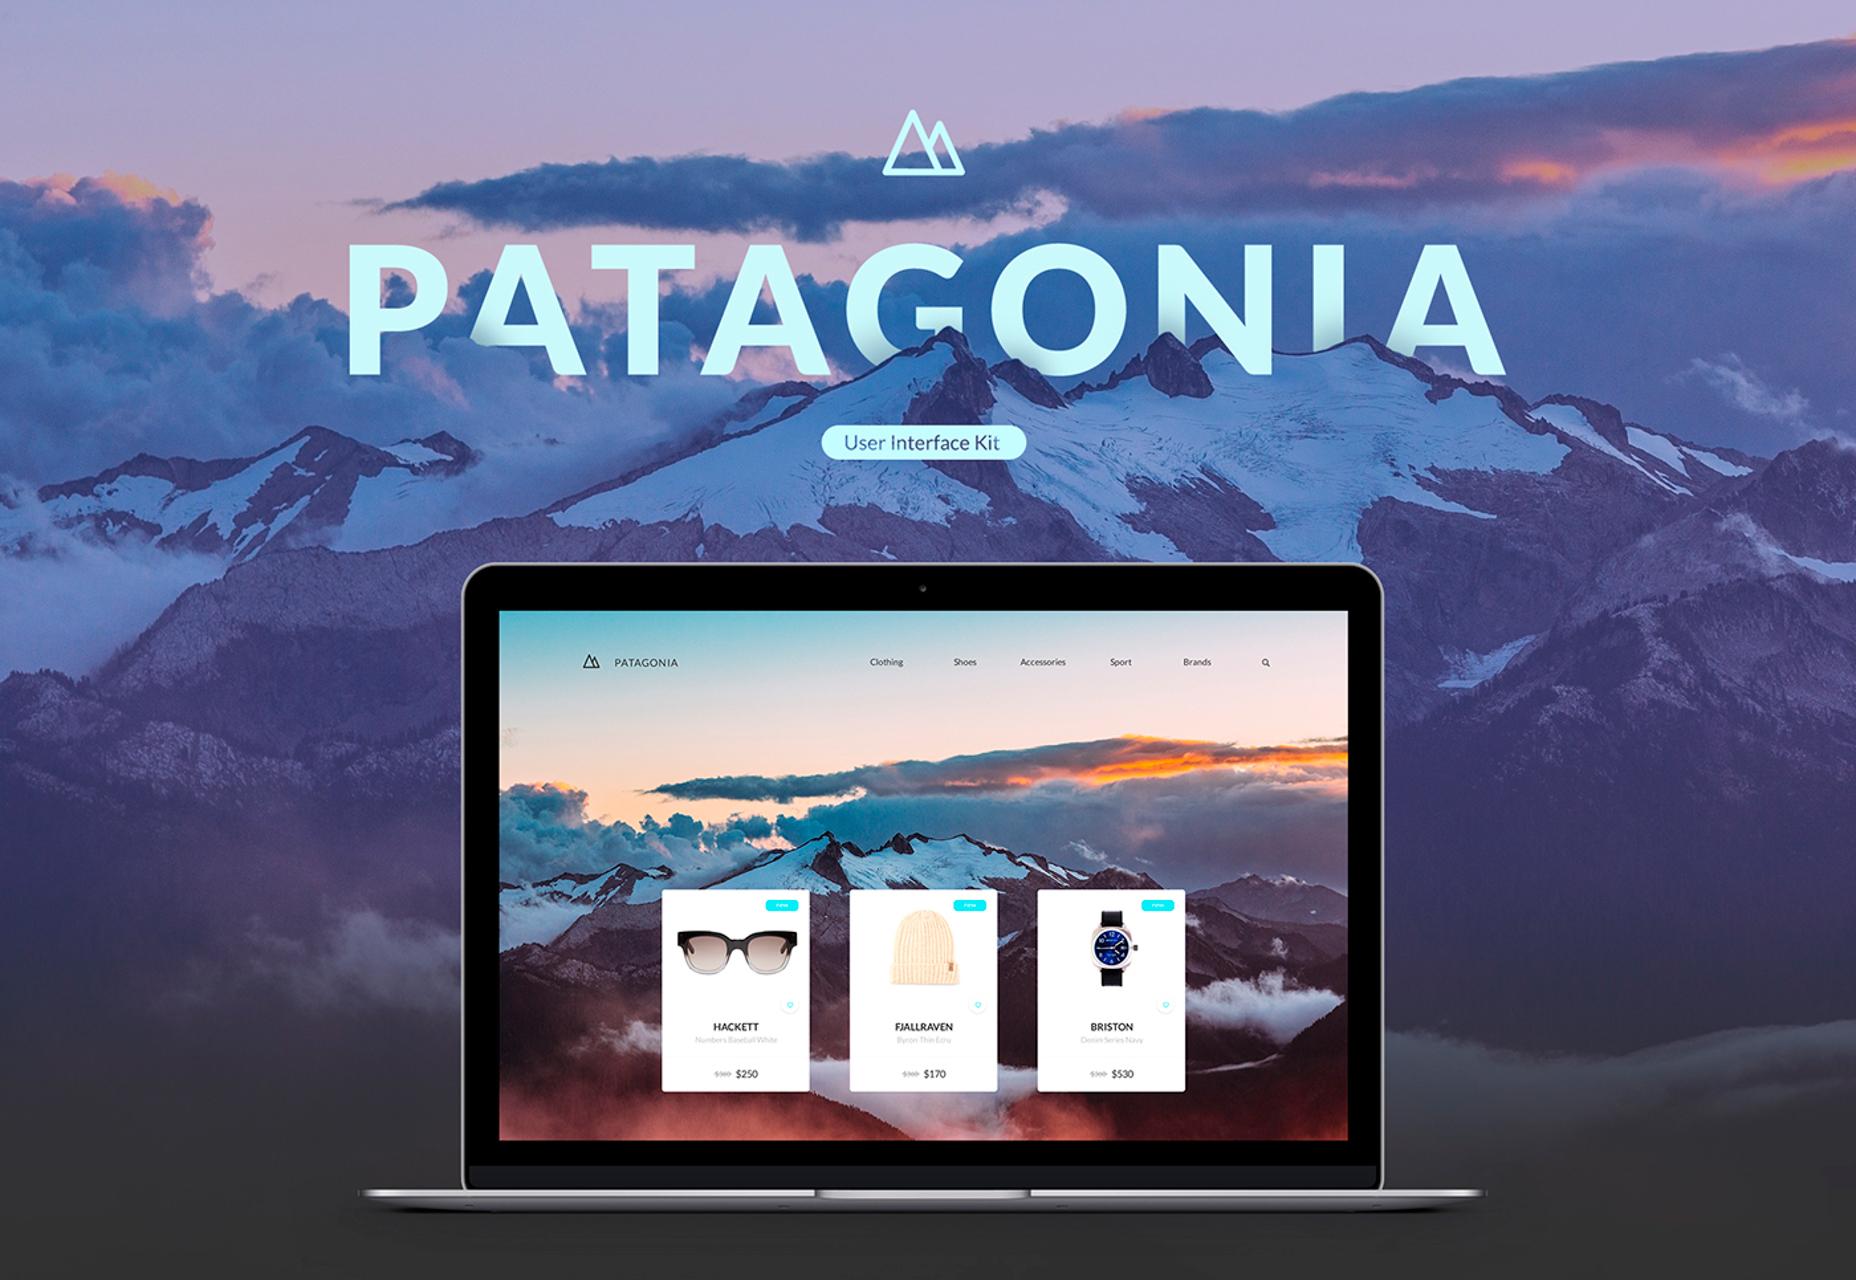 Patagonia: Nykyaikainen ECommerce-sivuston käyttöliittymä